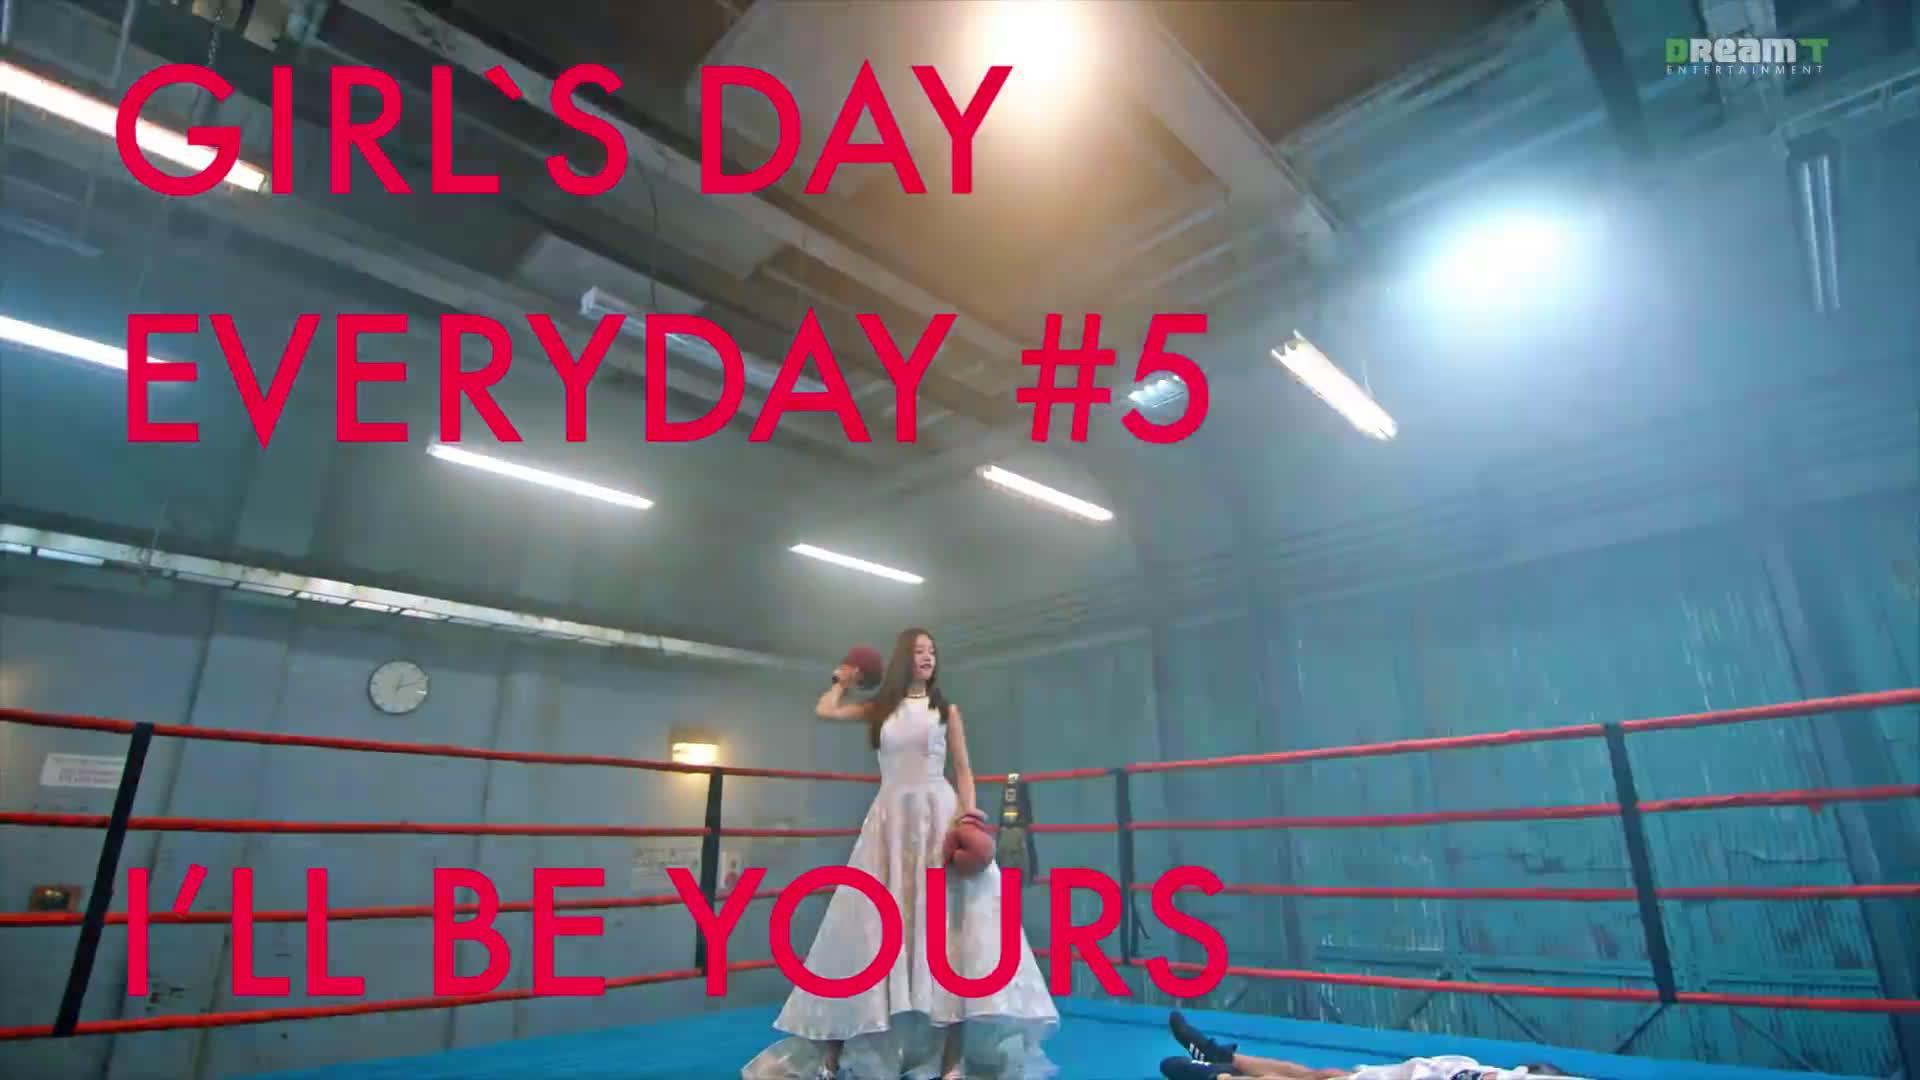 Girl's Day / I'll be yours ¹⁷⁰³²⁷ ——— 专 辑 名 称 迷 你 四